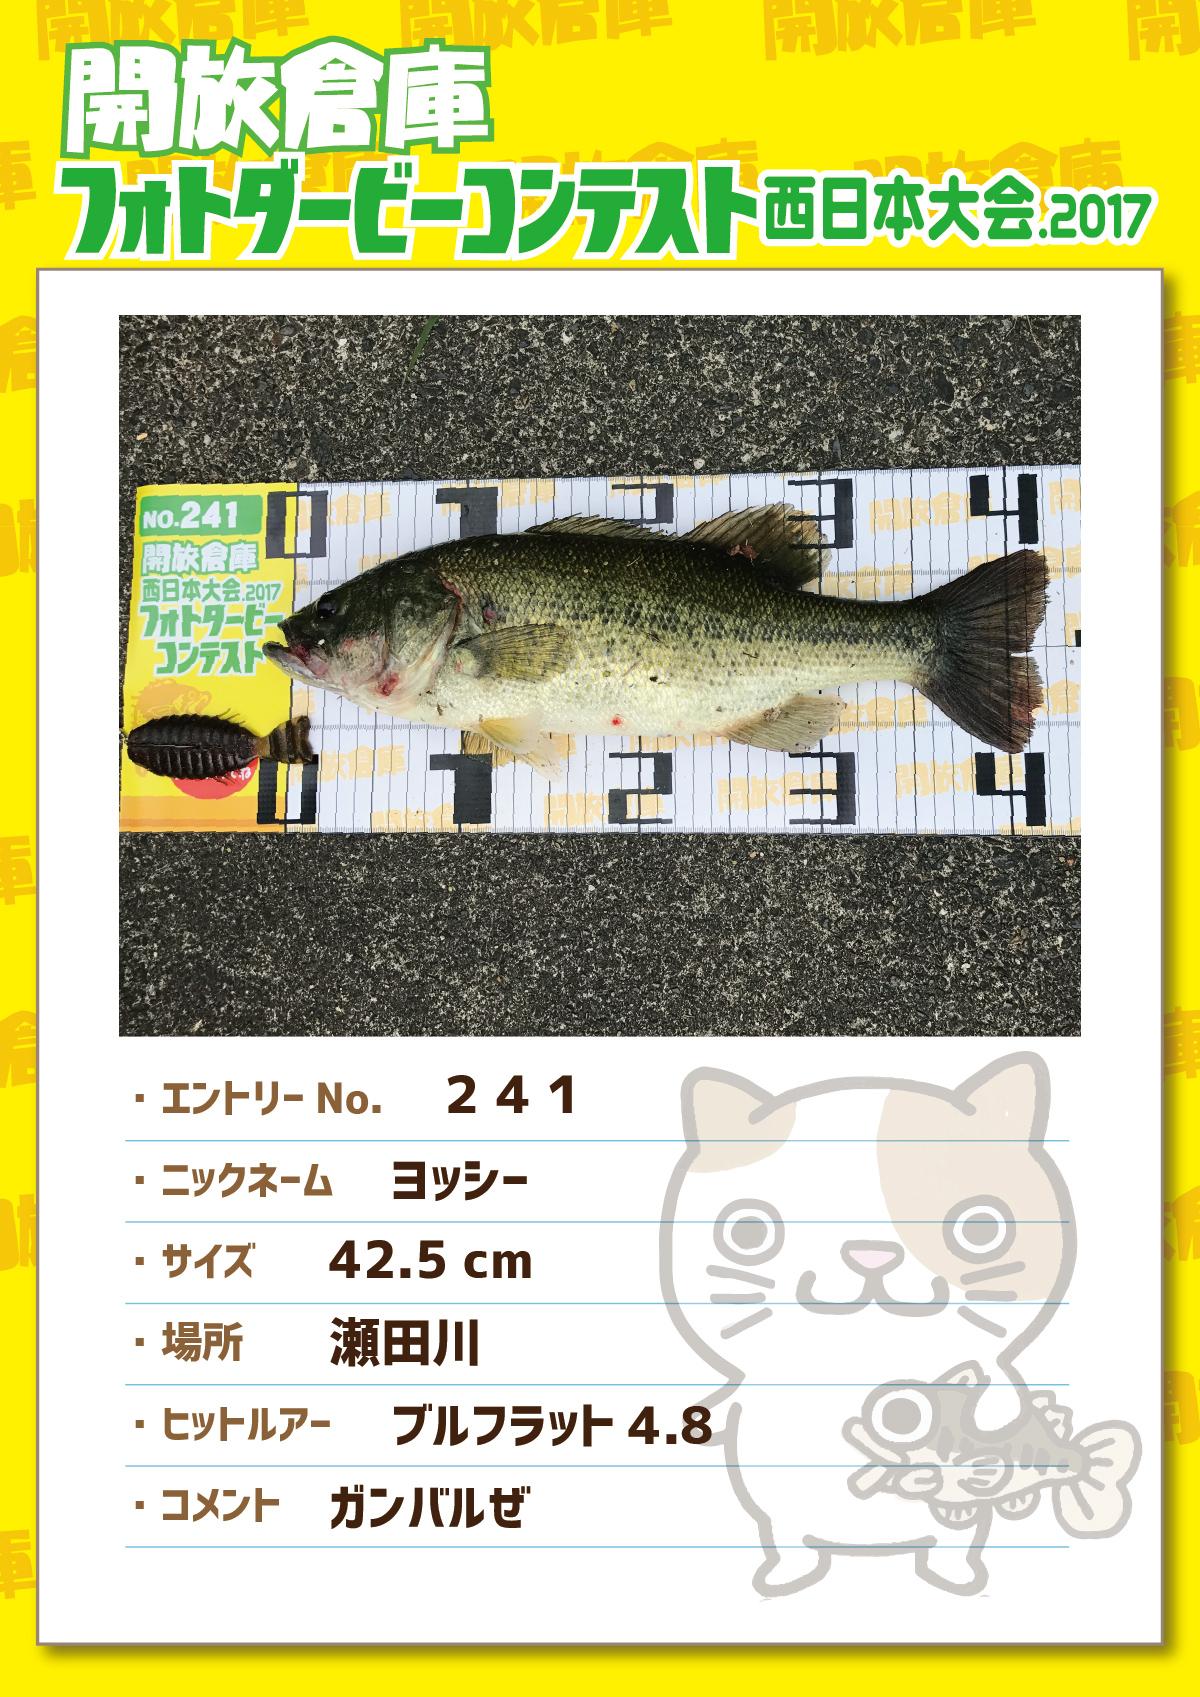 No.241 ヨッシー 42.5cm 瀬田川 ブルフラット4.8 ガンバルぜ